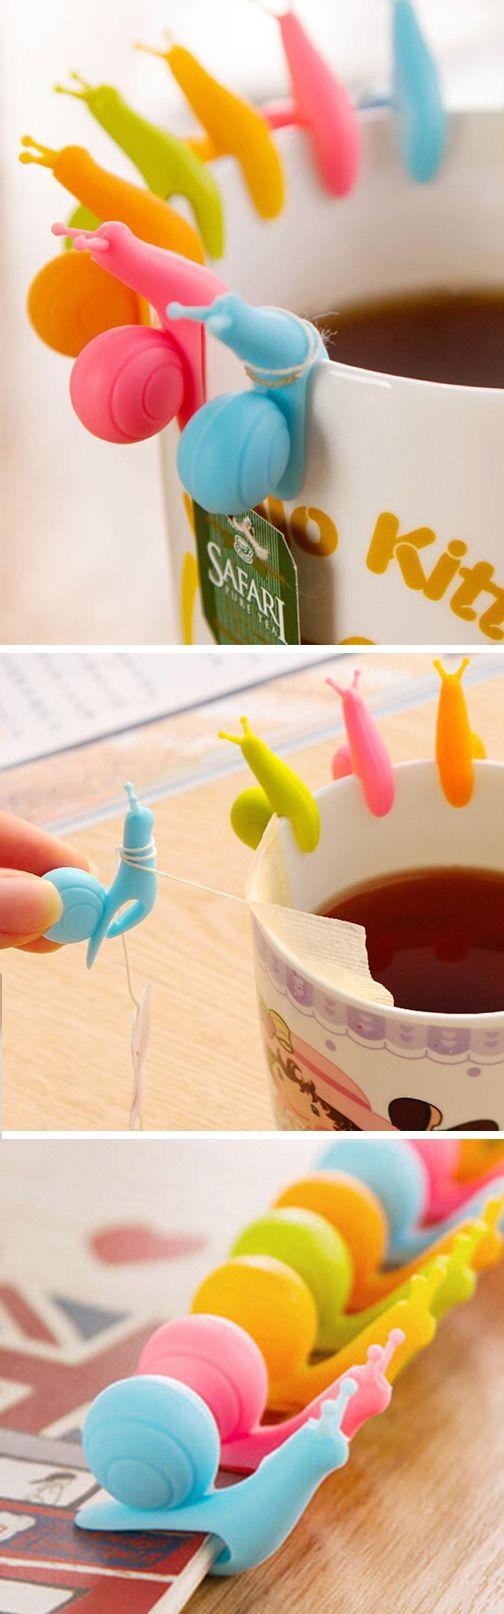 Snail Tea Bag Holder